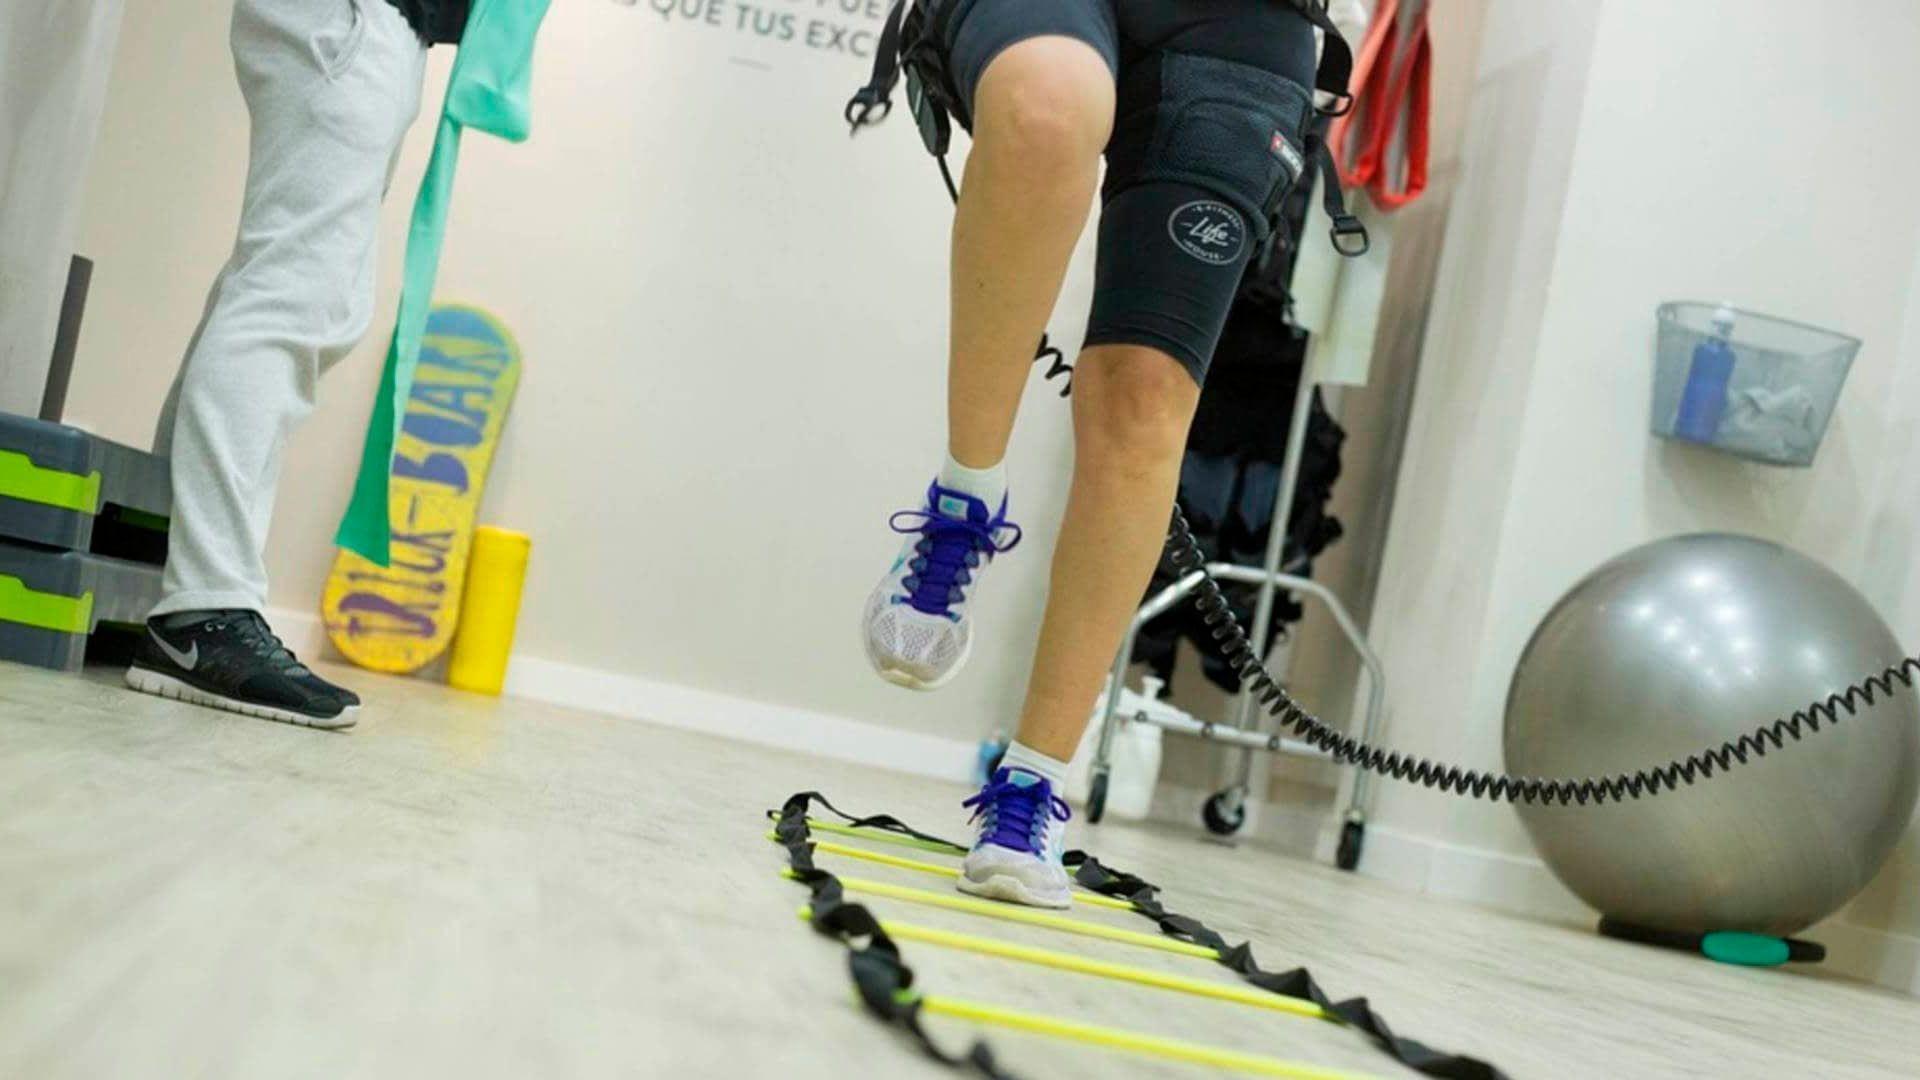 Clínica de fisioterapia deportiva en Valdemoro